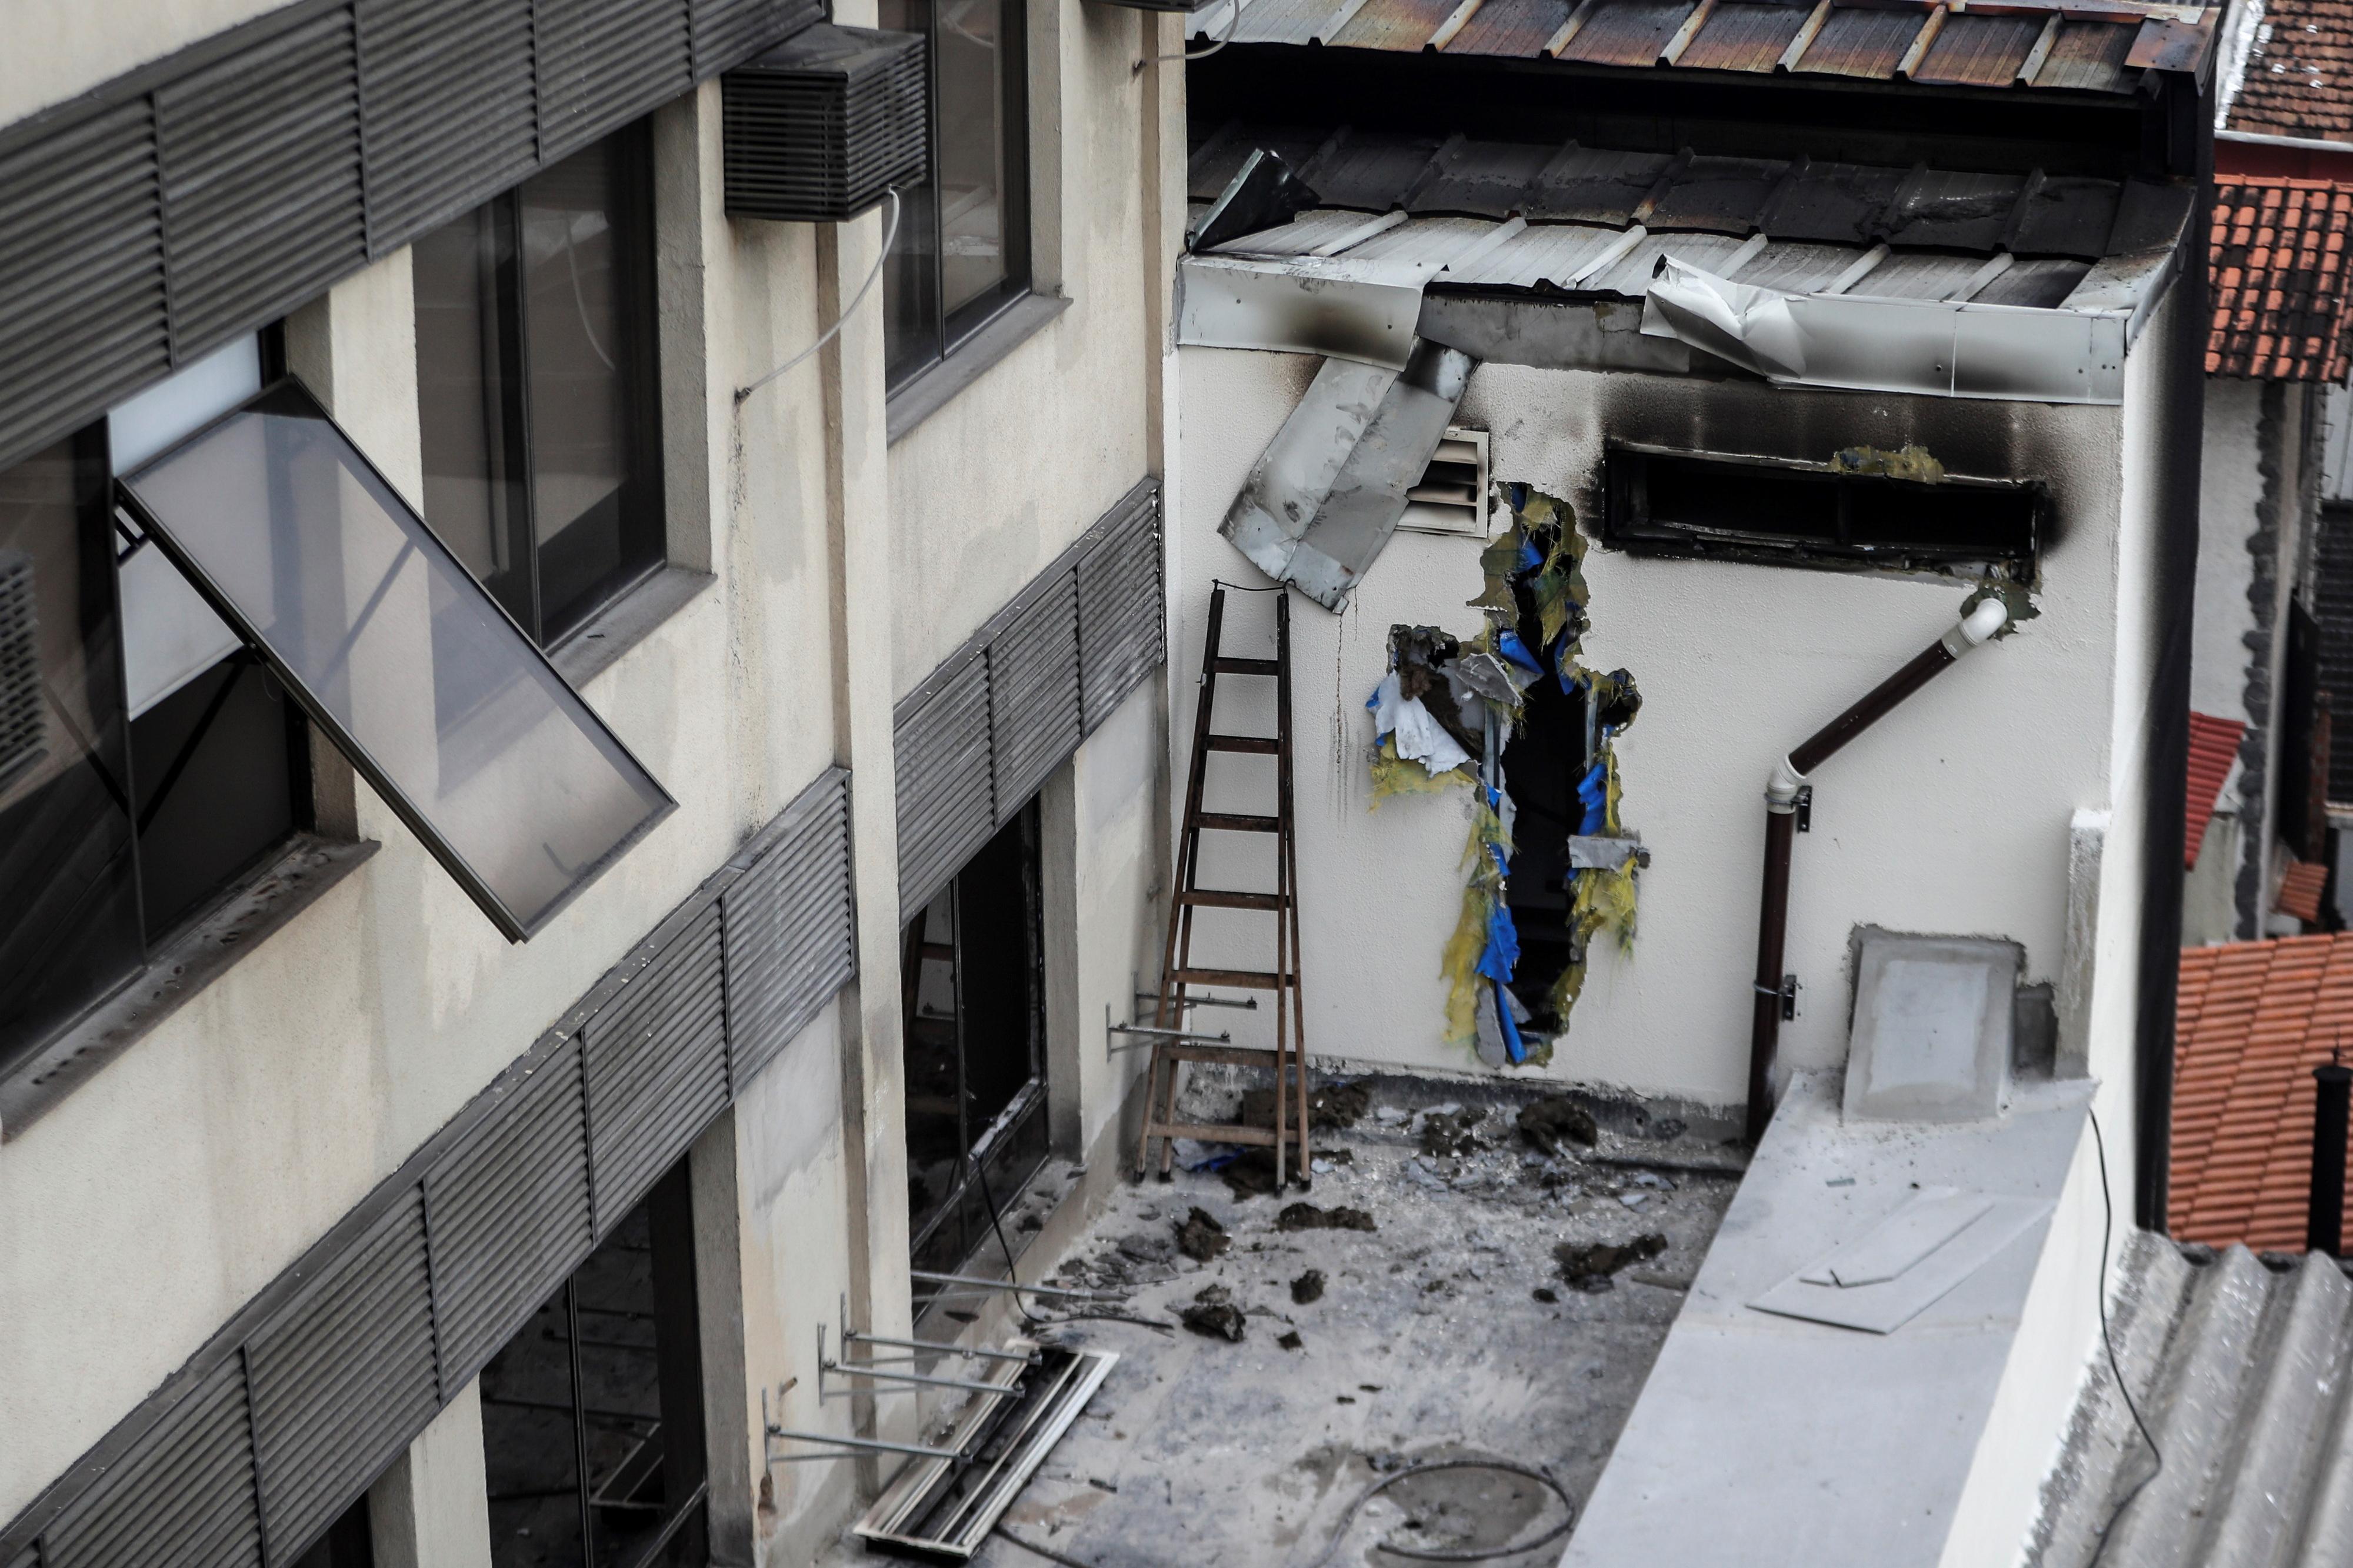 Aumenta para 14 número de mortos em incêndio no hospital do Rio de Janeiro